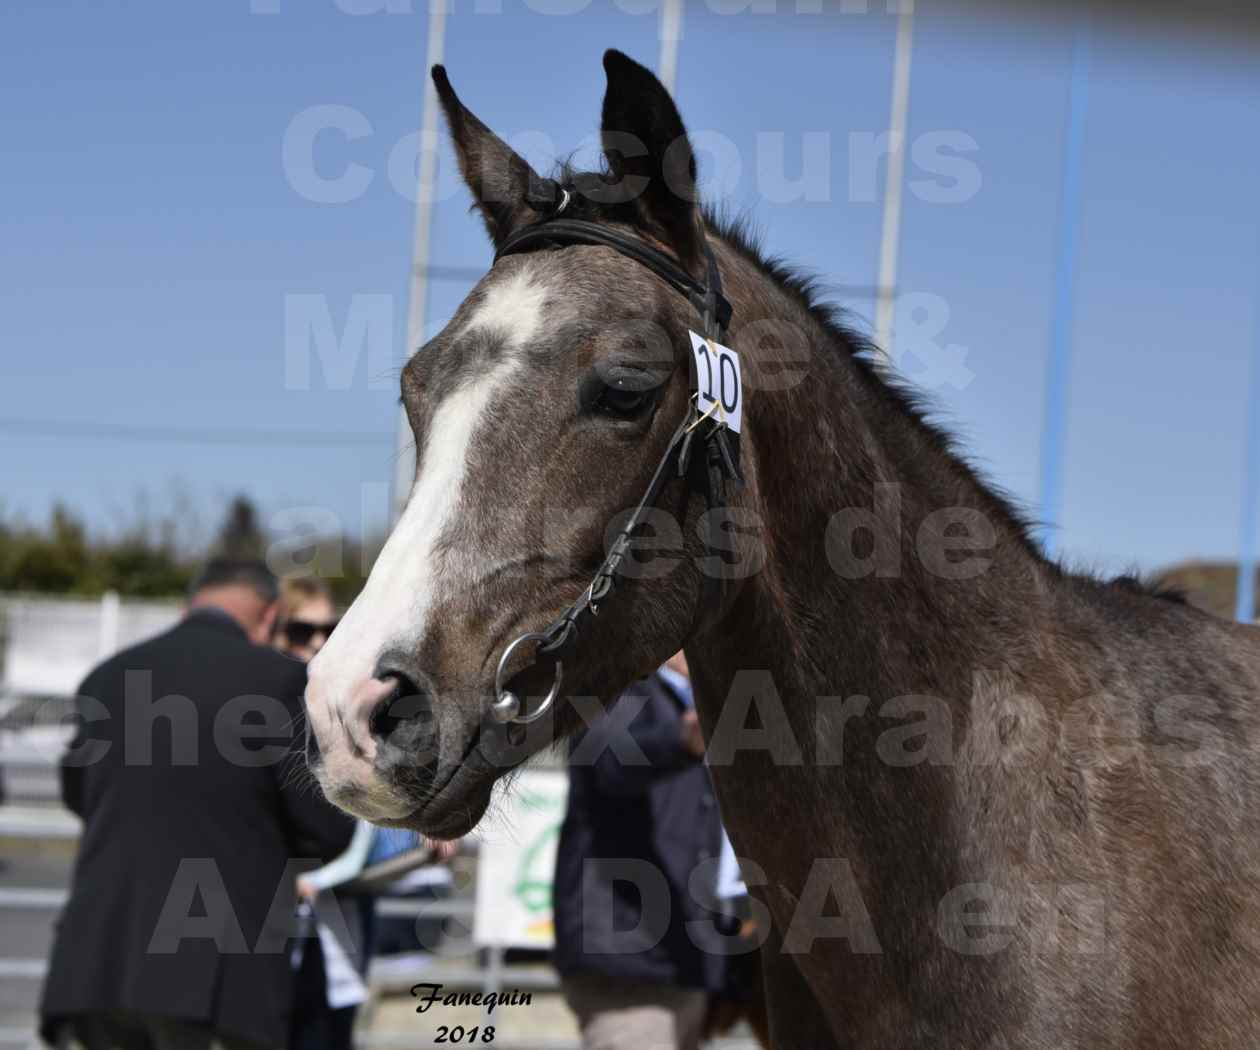 Concours d'élevage de Chevaux Arabes - Demi Sang Arabes - Anglo Arabes - ALBI les 6 & 7 Avril 2018 - GOLD OF MARTRETTES - Notre Sélection - Portraits - 3